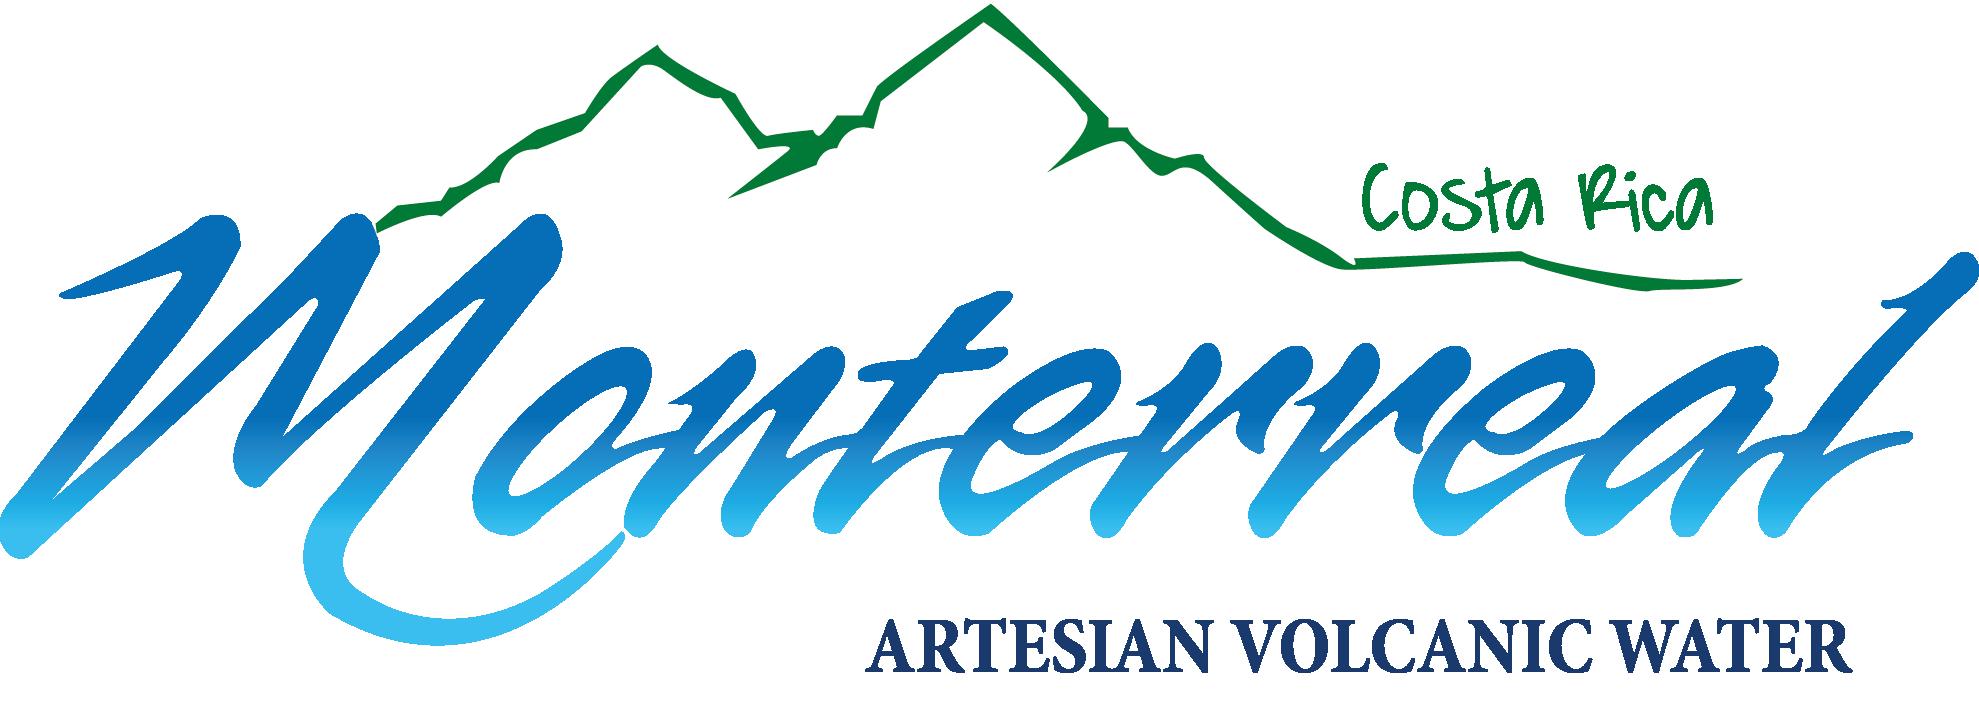 Monterreal Artisan Volcanic Water | Pura Vida Costa Rica